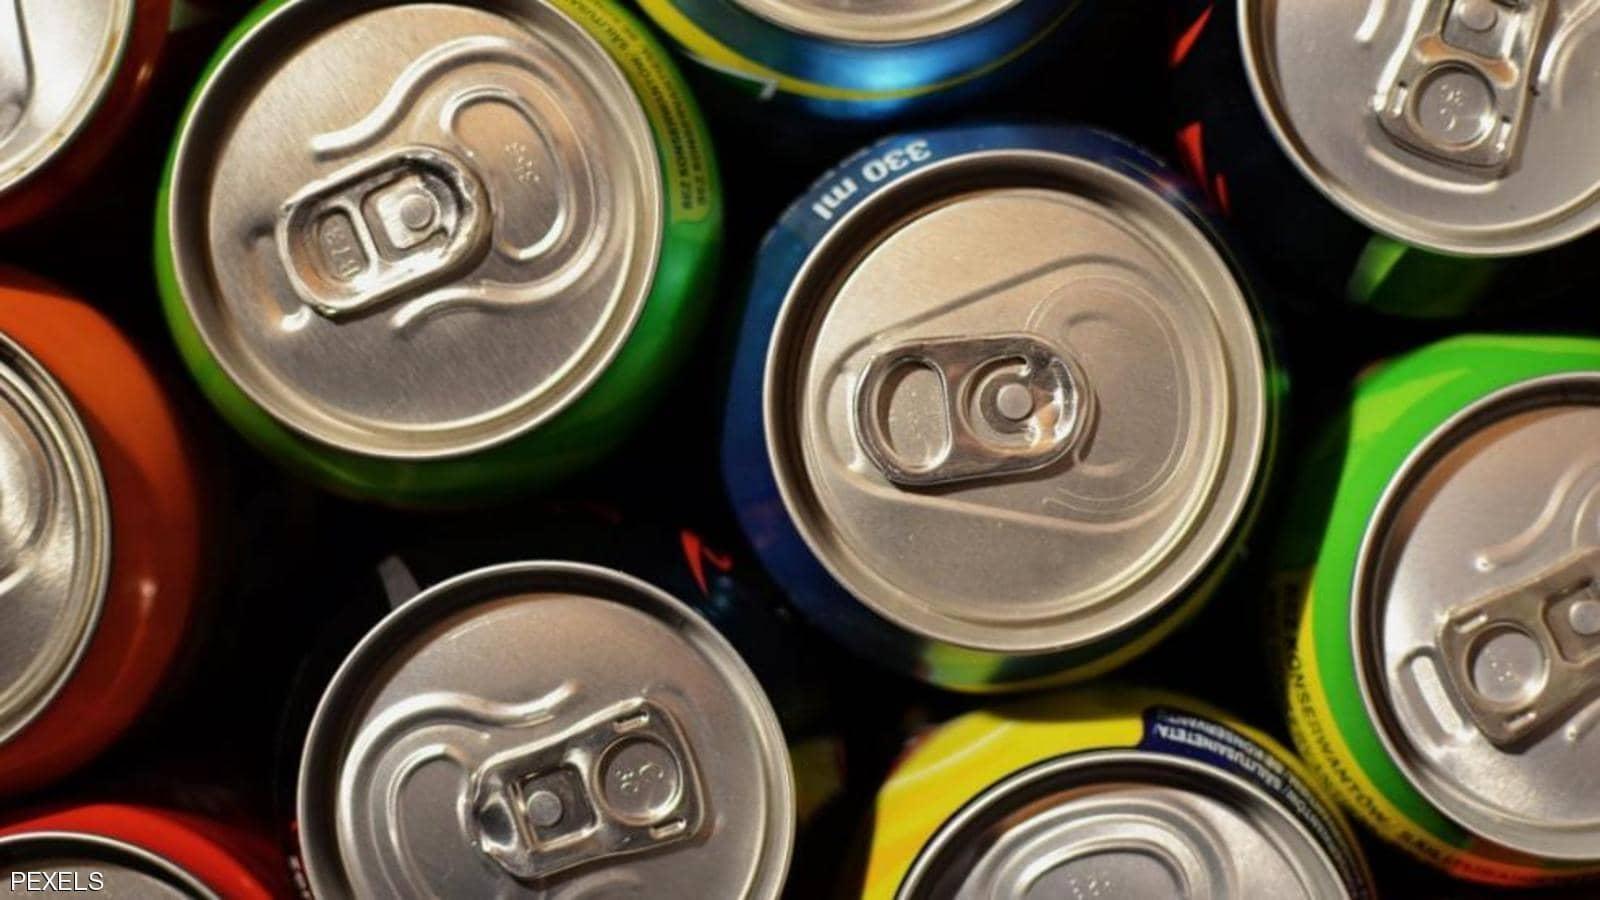 دراسة تحذر: المشروبات الغازية تسبب الموت المبكر